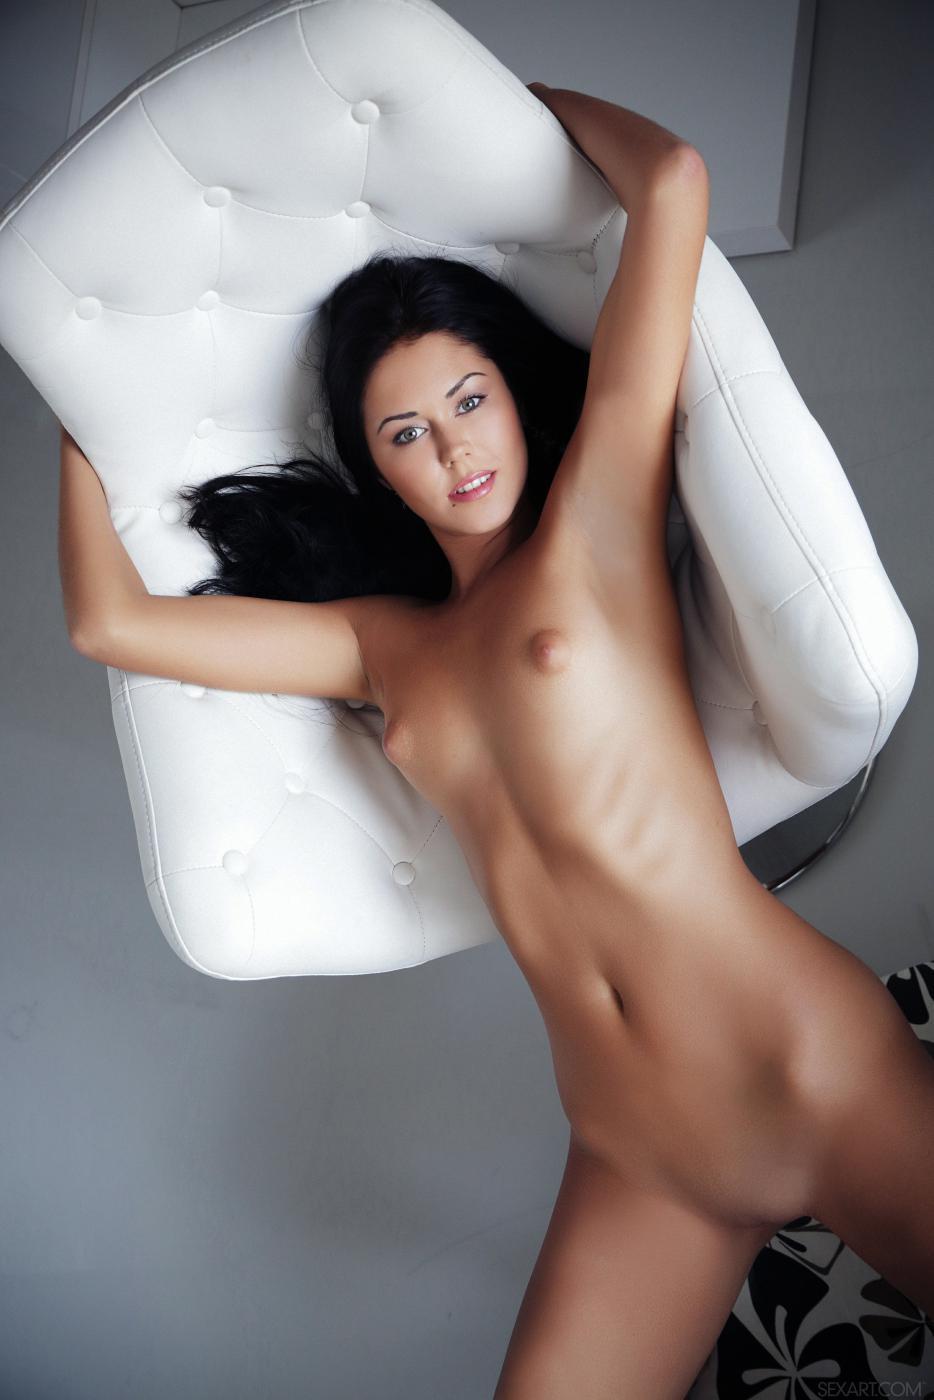 Великолепная модель с темными волосами Macy B спускает стринги на стуле и демонстрирует карамельную пизду